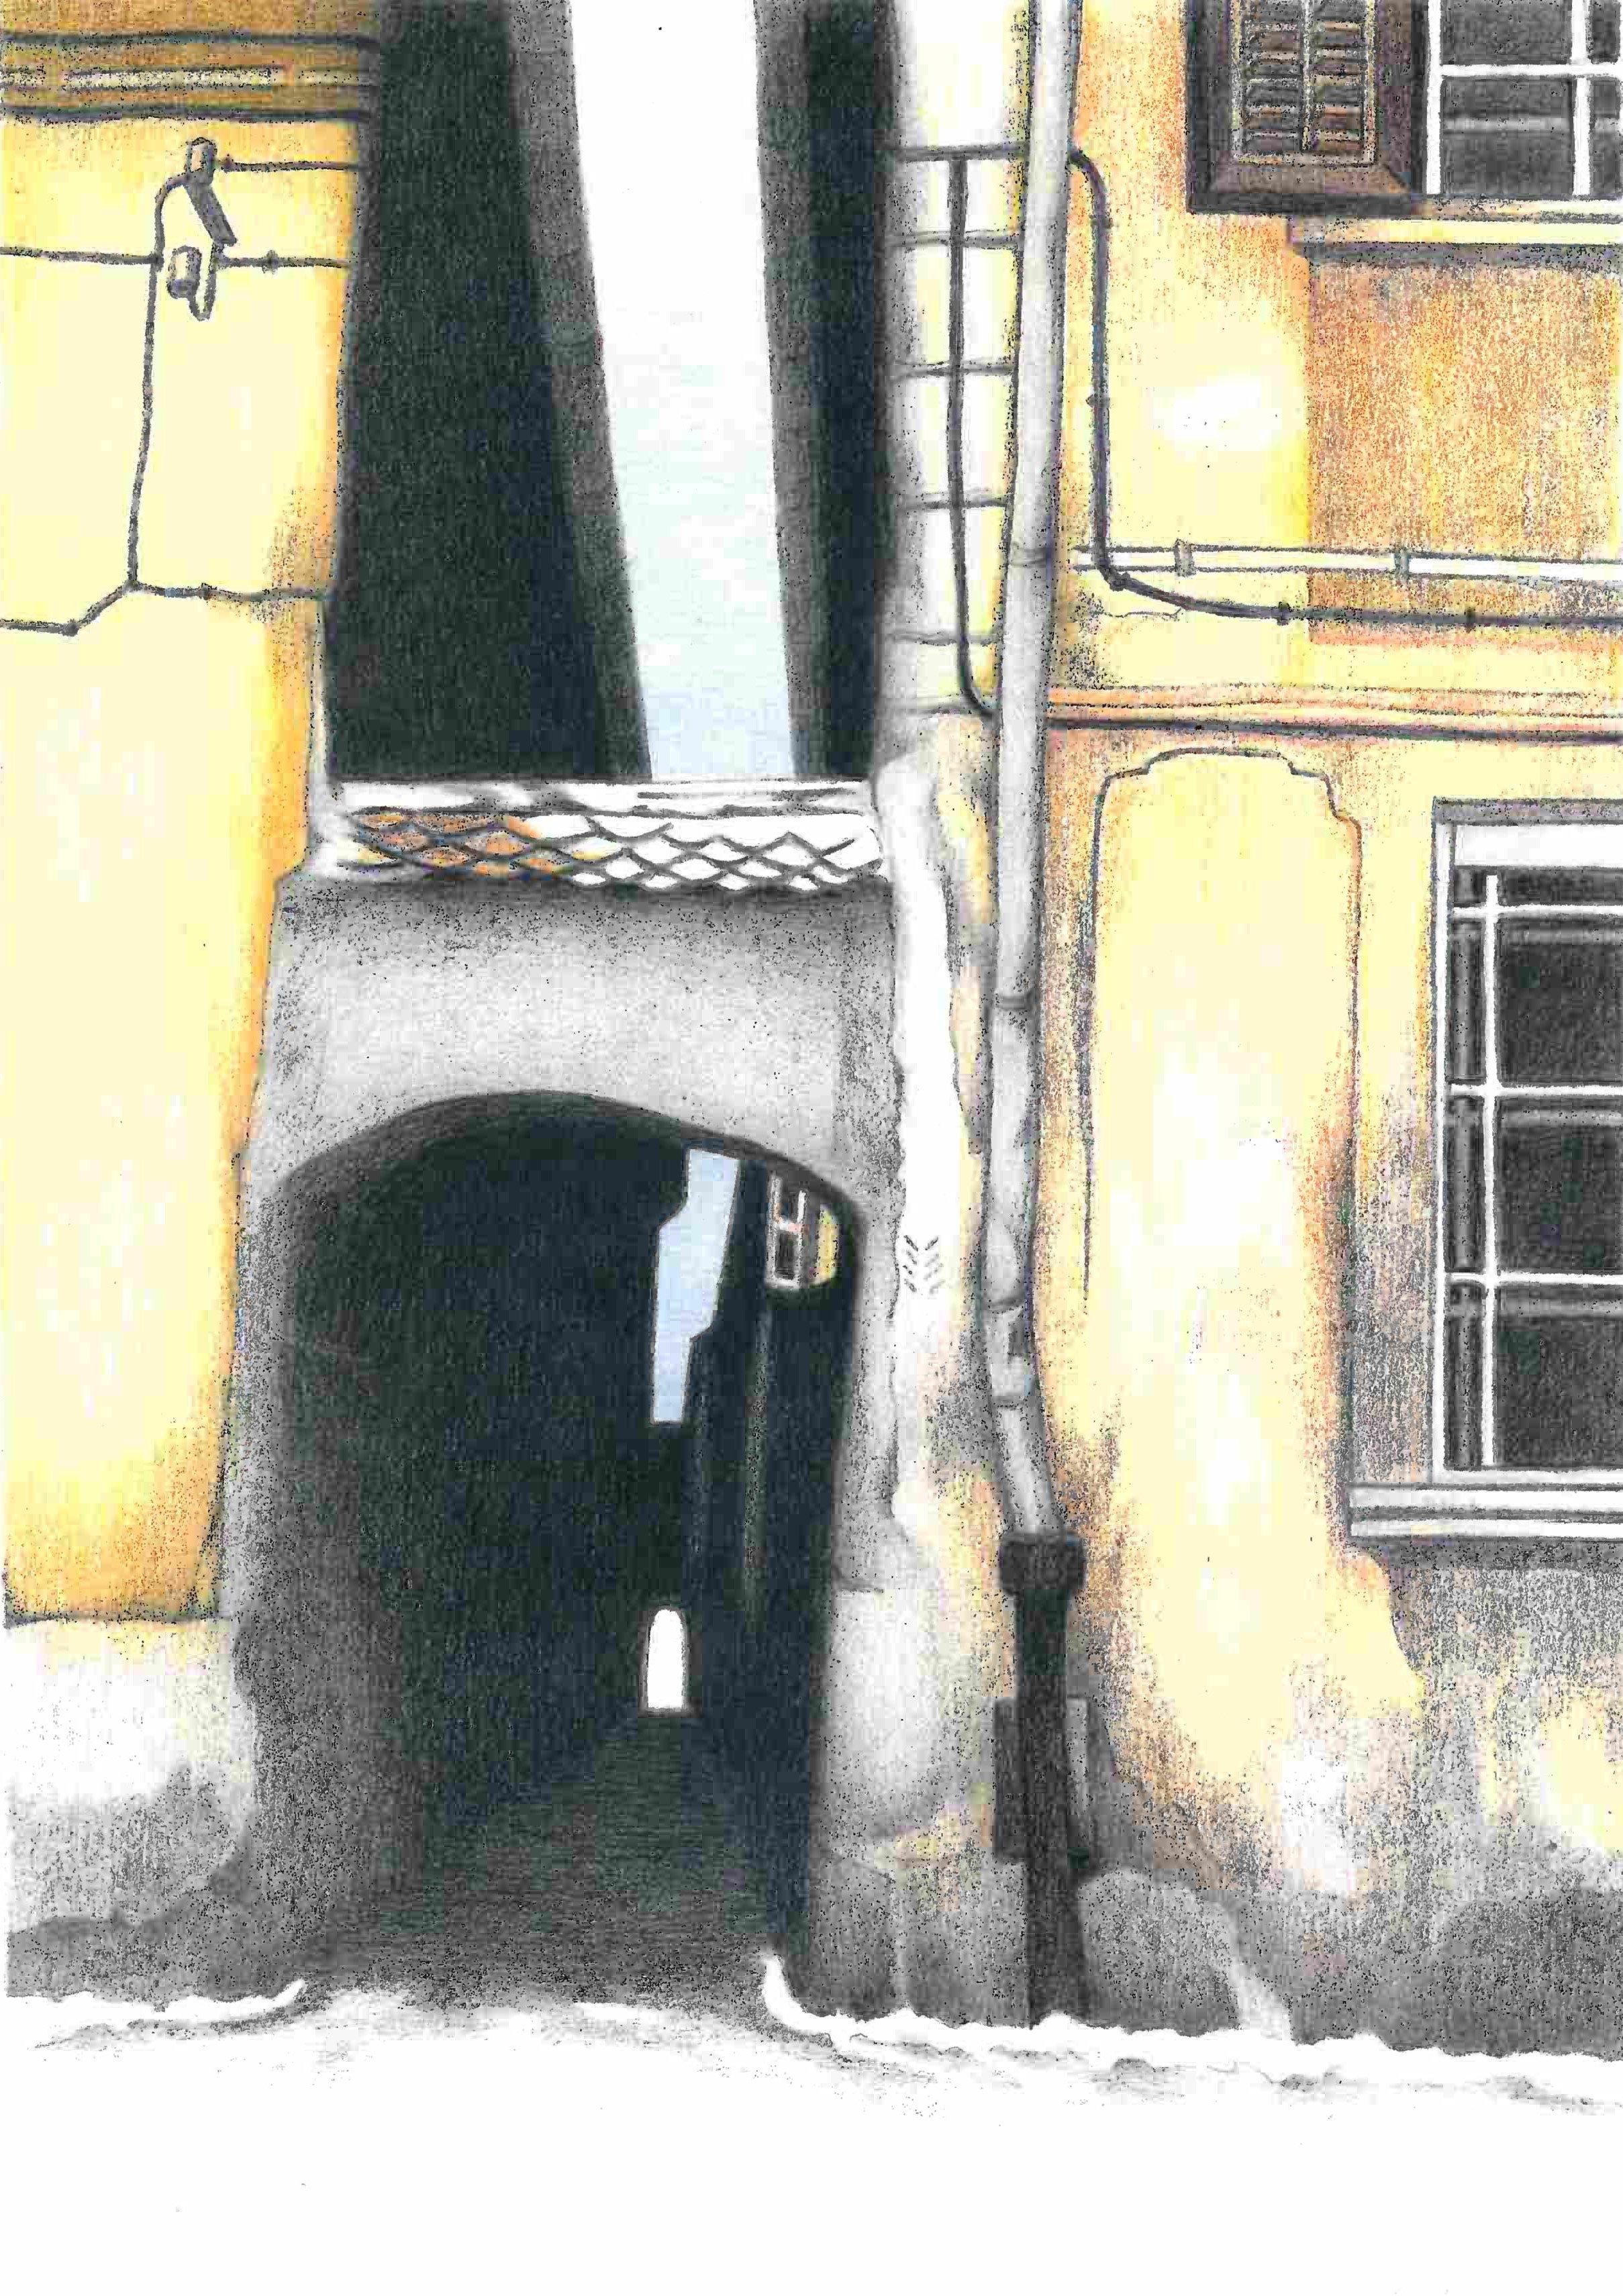 Ausstellung: Der andere Blick - Eine Reise durch die Welt der Zeichnung - © Robert Baloiu